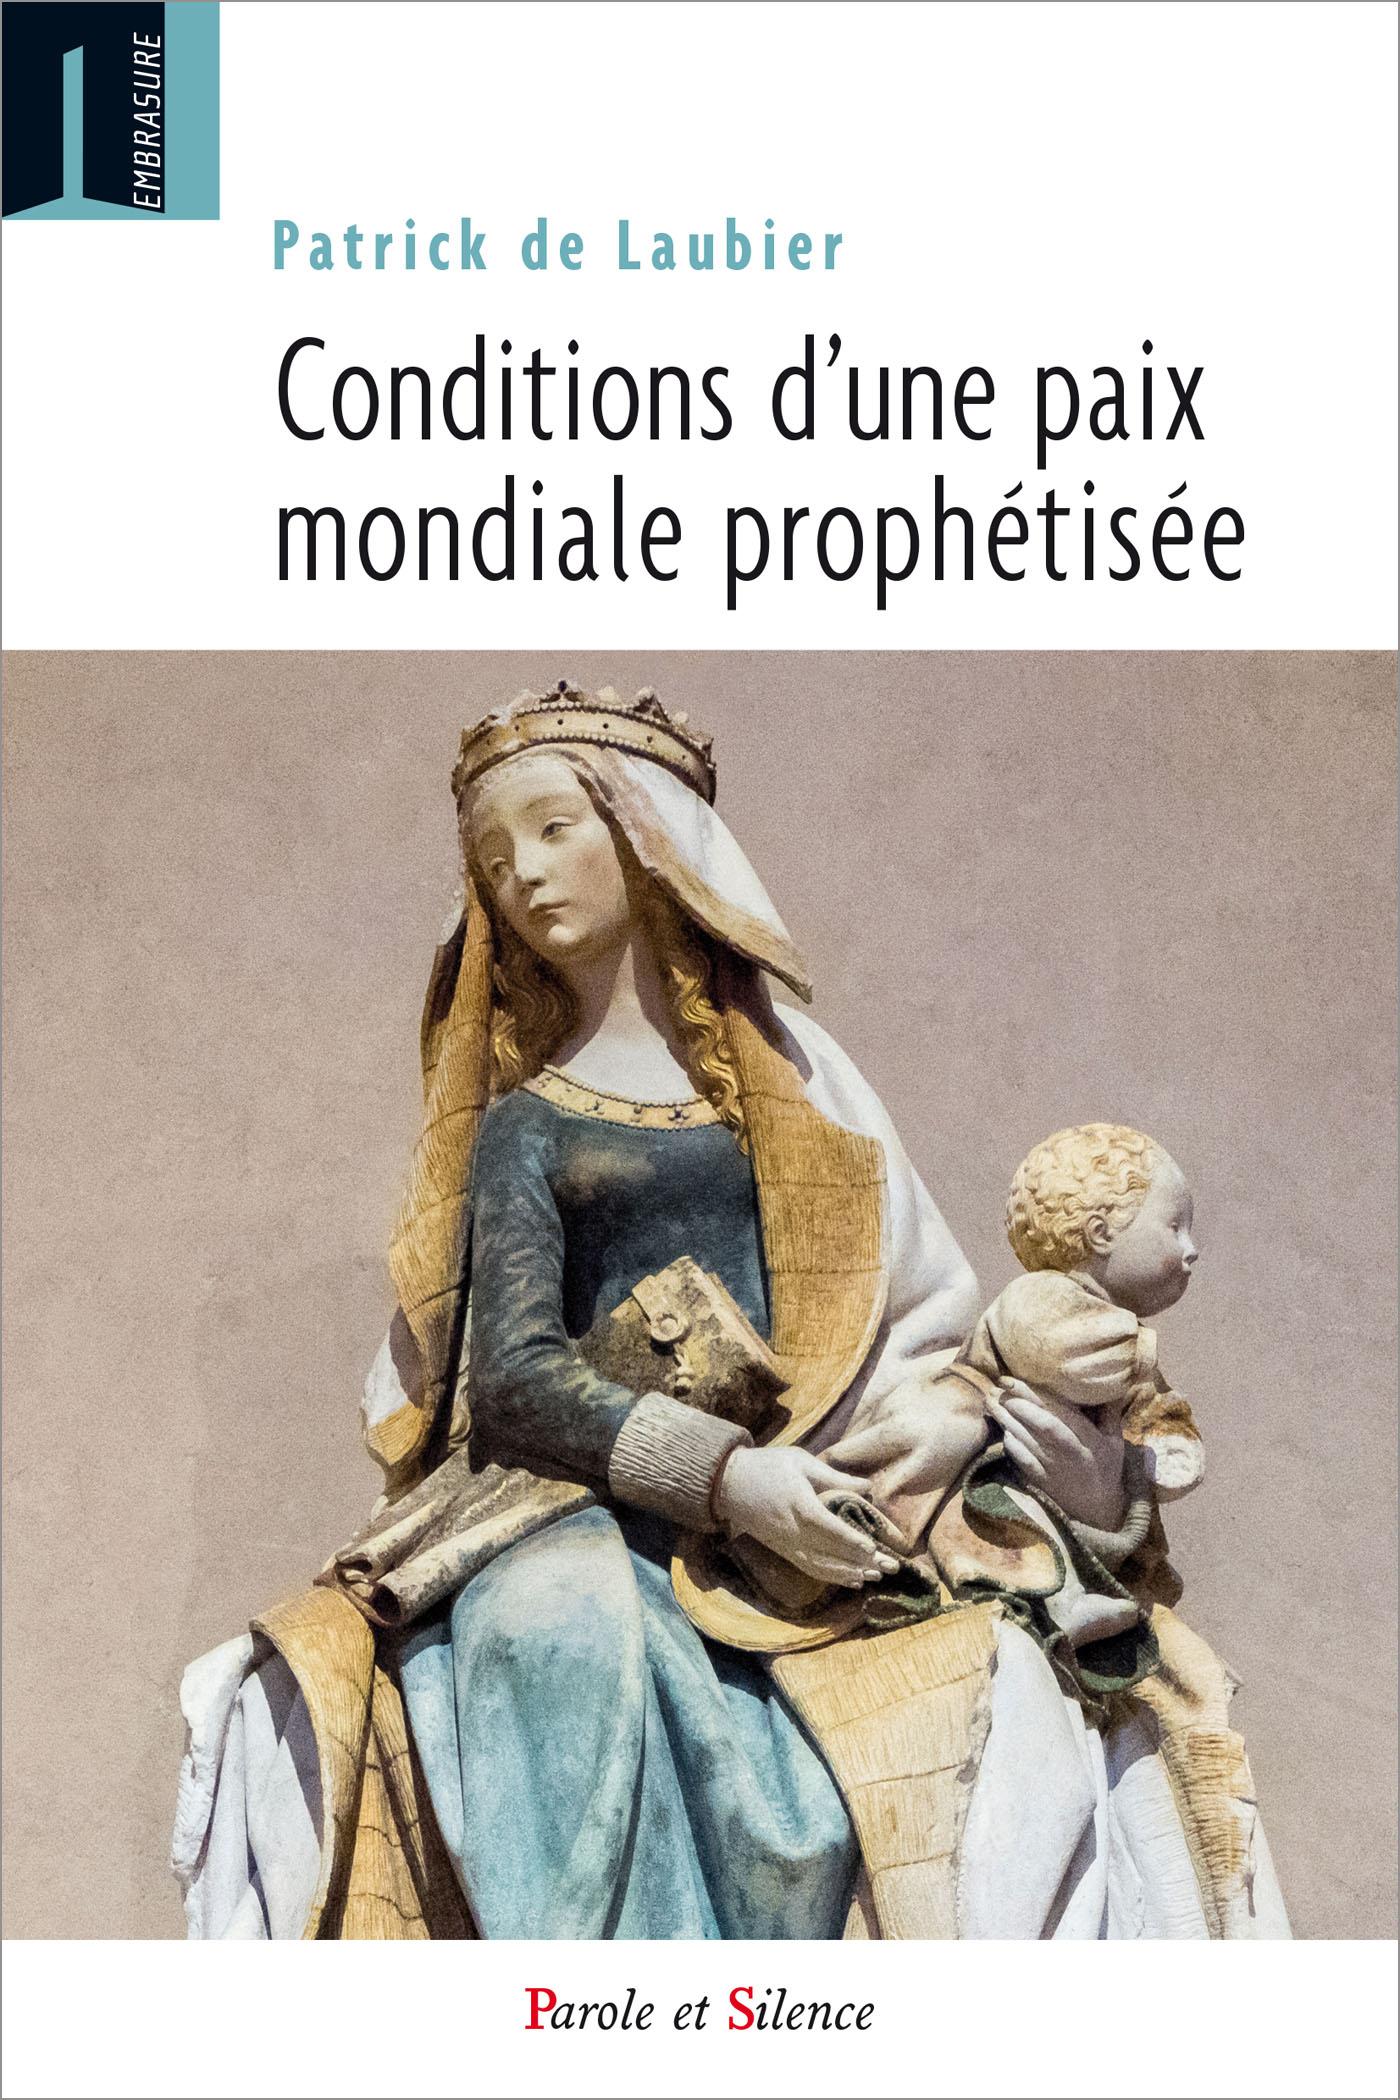 Conditions d'une paix mondiale prophétisée